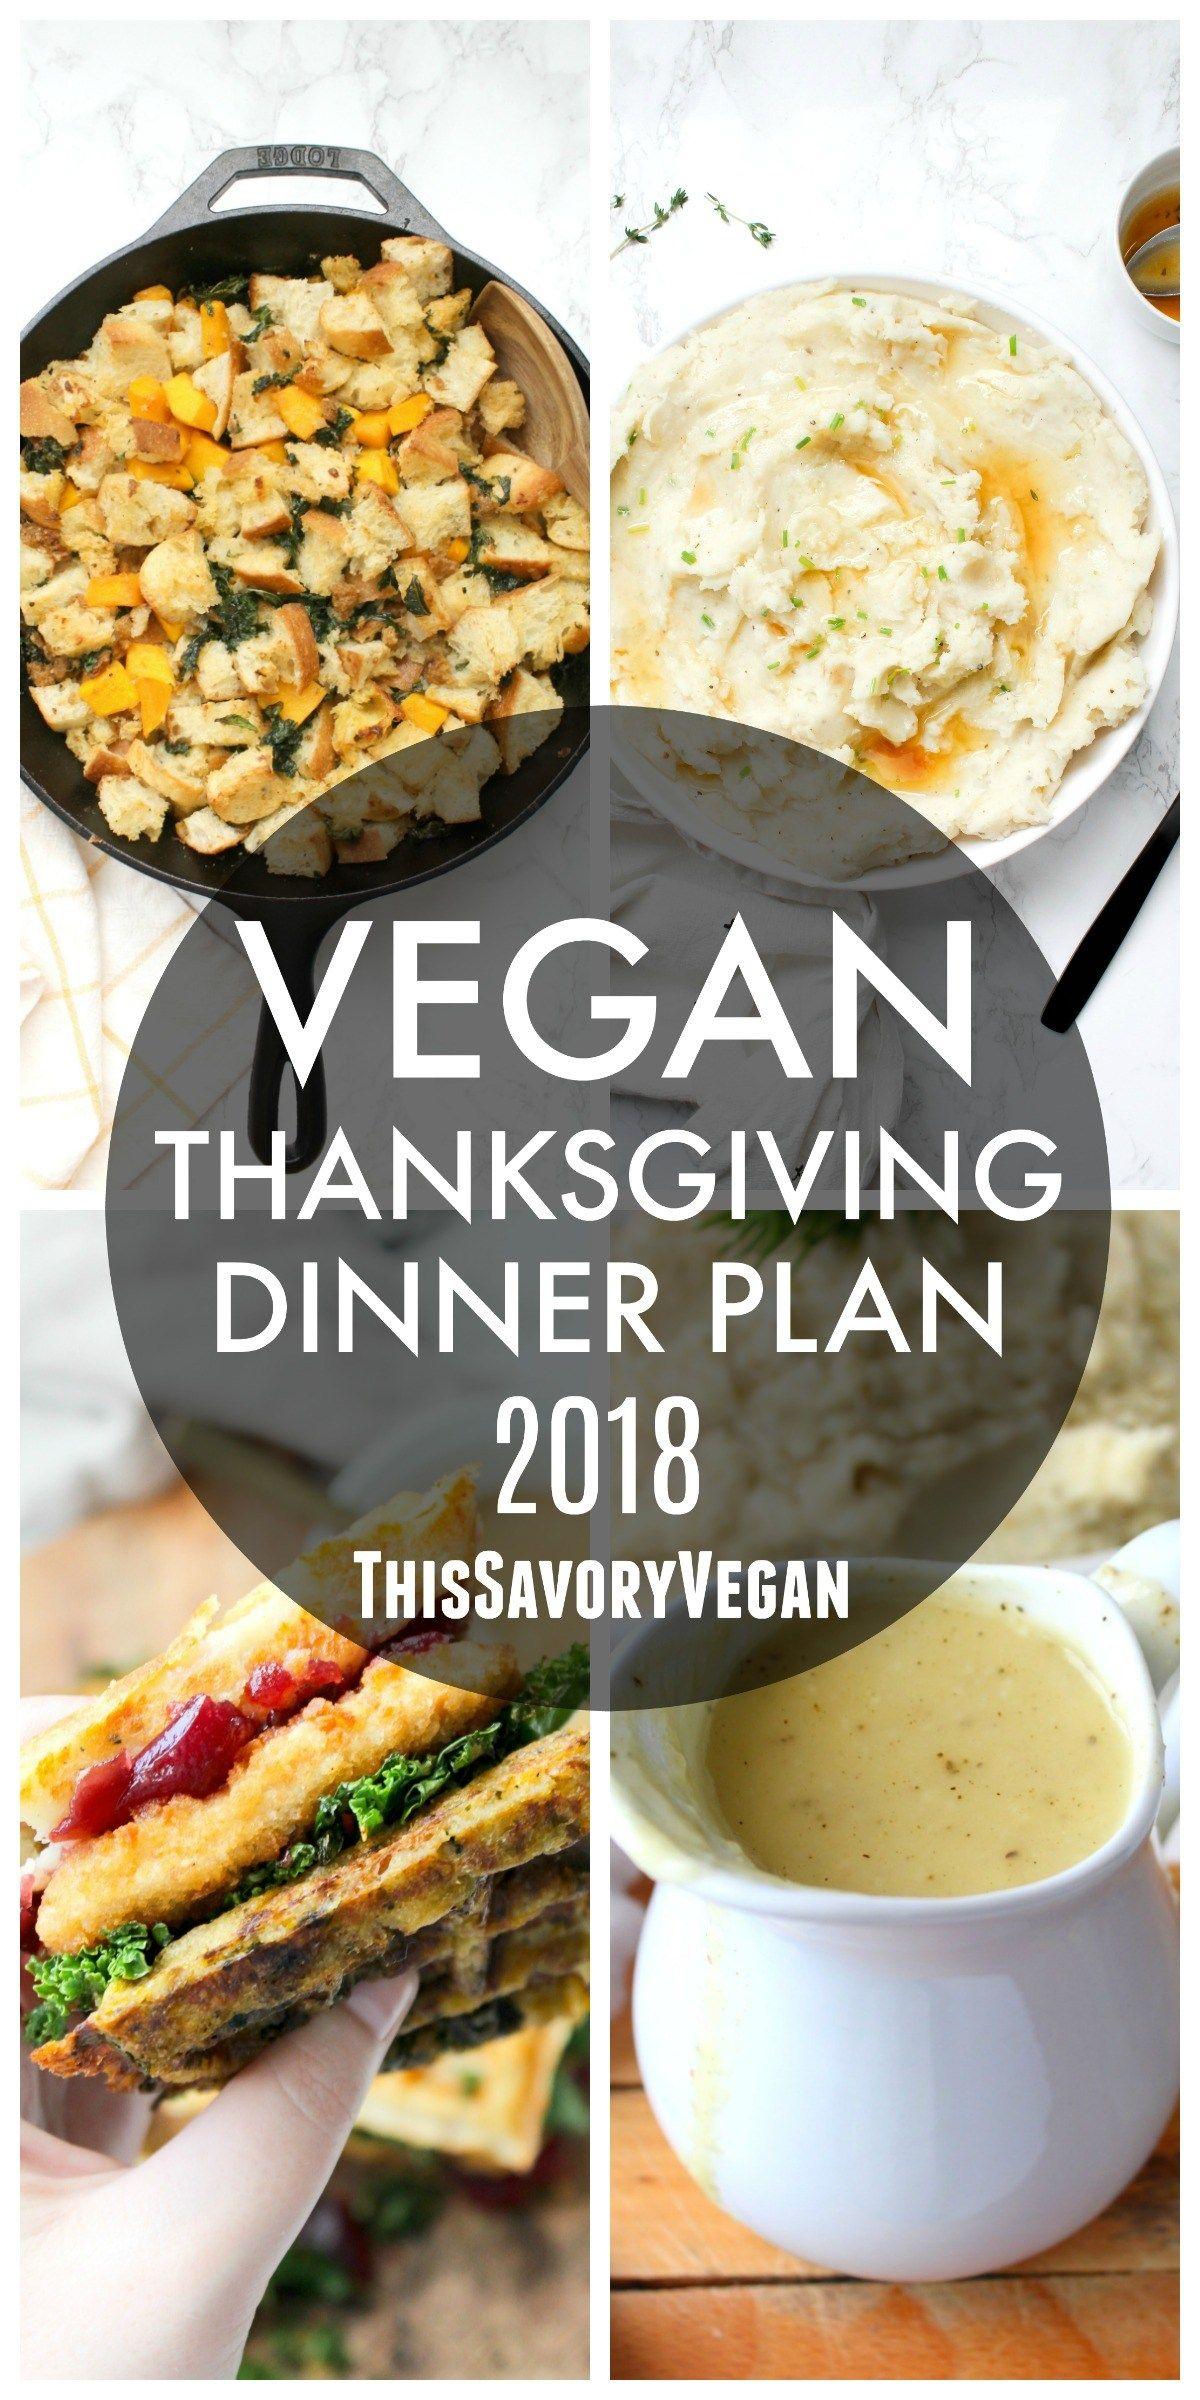 Vegan Thanksgiving Dinner Plan 2018 This Savory Vegan Vegan Thanksgiving Dinner Vegan Thanksgiving Vegan Meal Plans